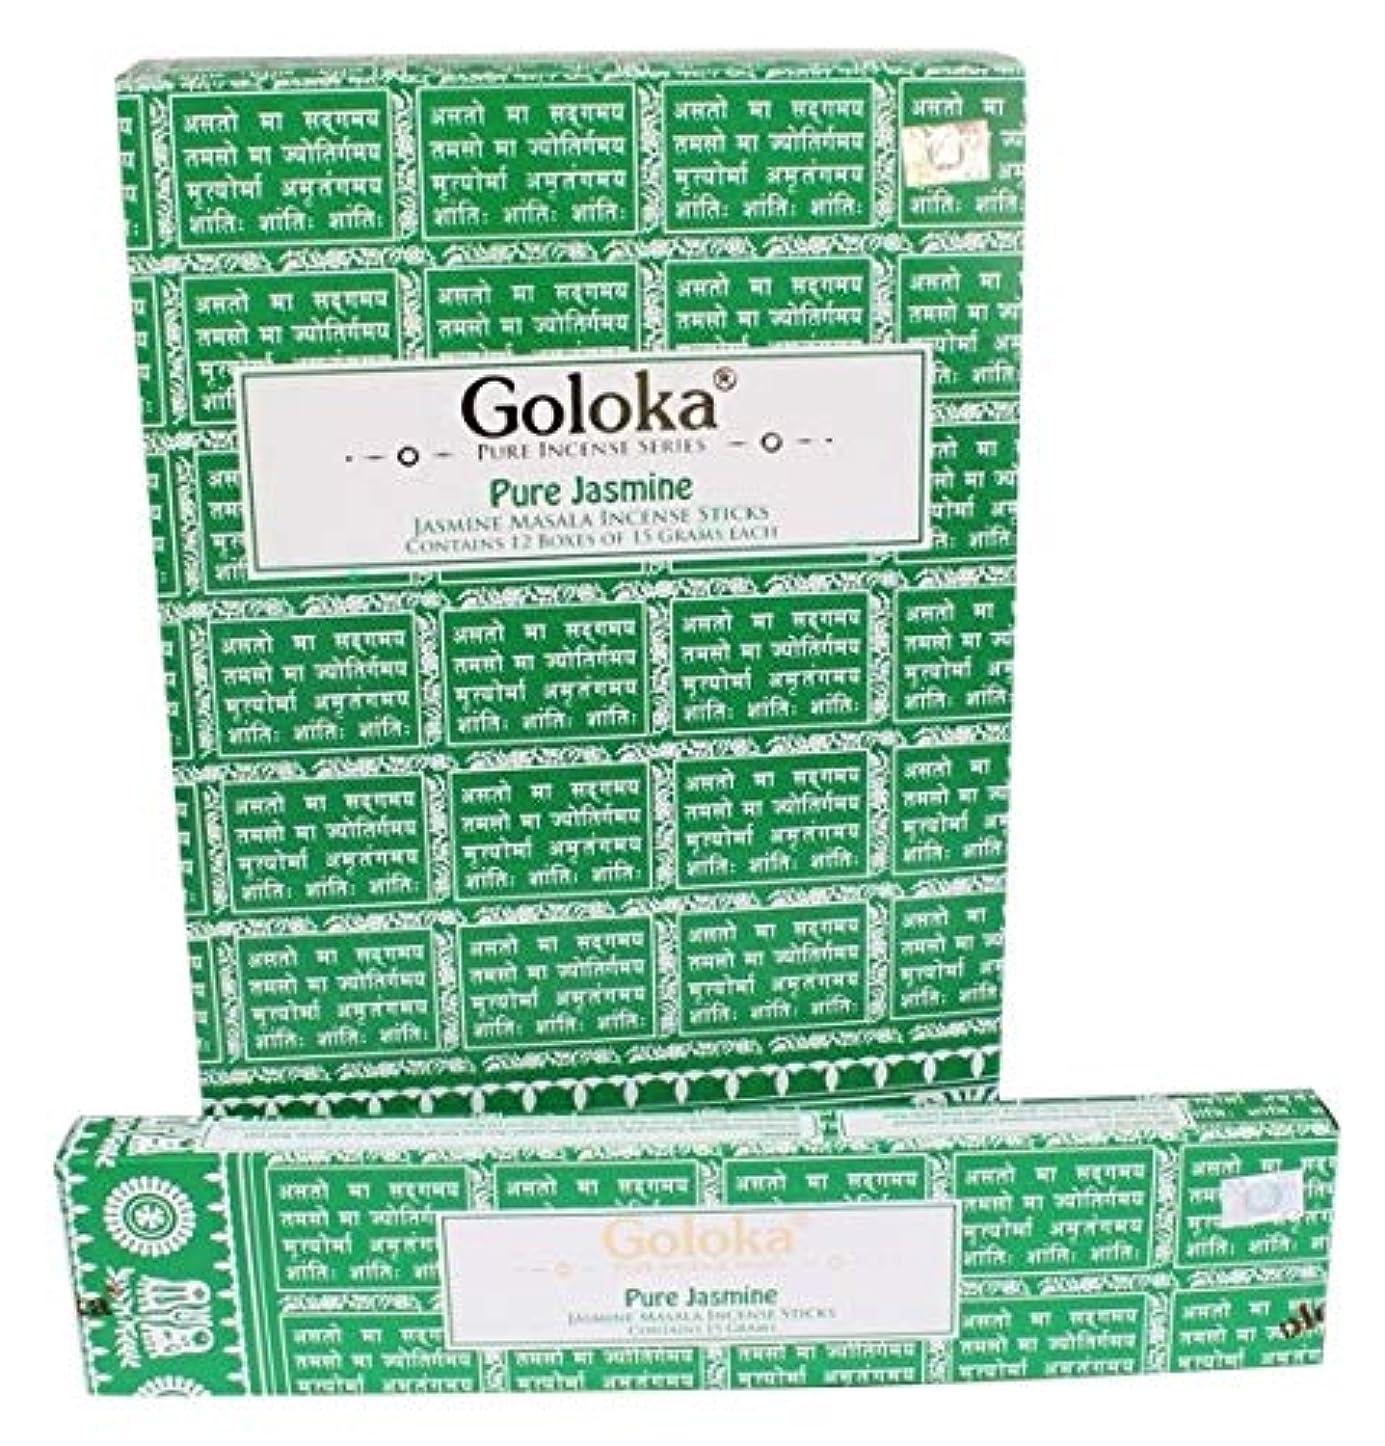 ポータル剪断くつろぐGoloka – Pureジャスミン – Jasmine Incense Sticks – 12ボックスの15グラム合計180グラム